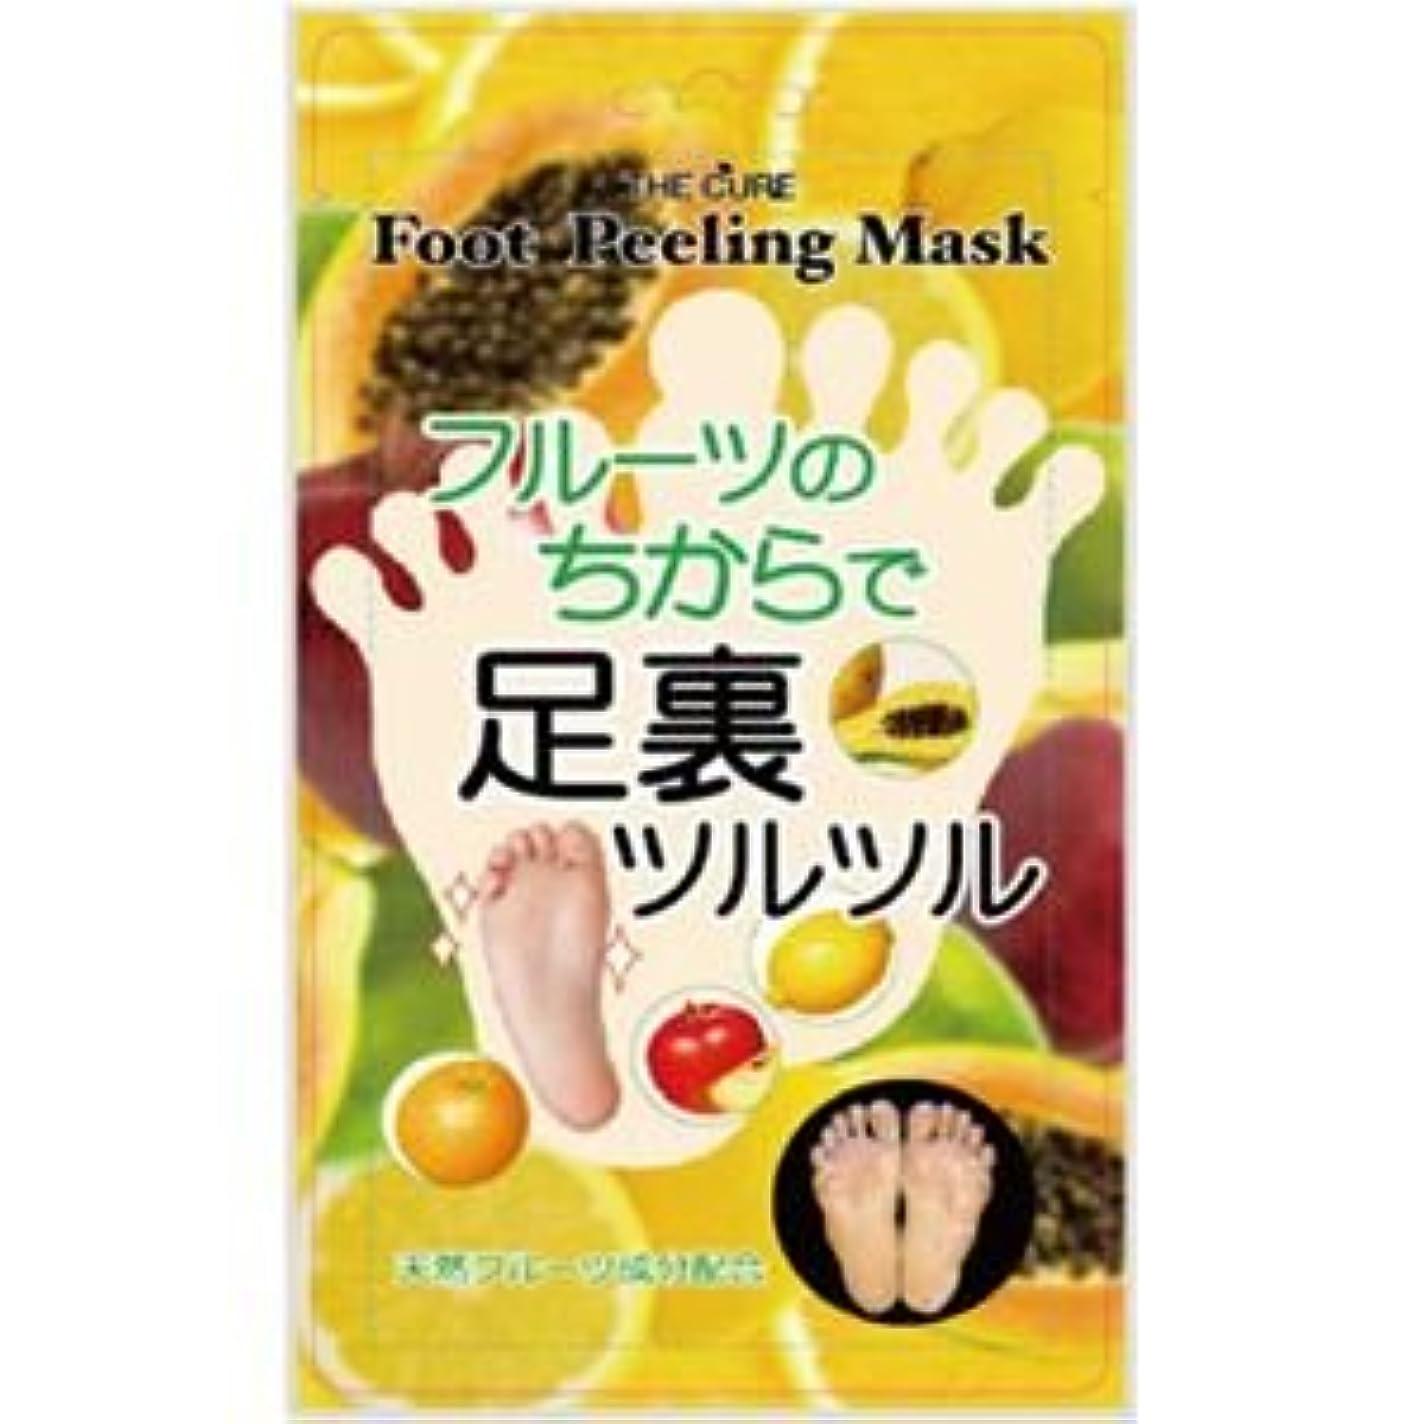 概念最後の感謝(まとめ買い)THE CURE フットピーリングマスク 40ml×3セット